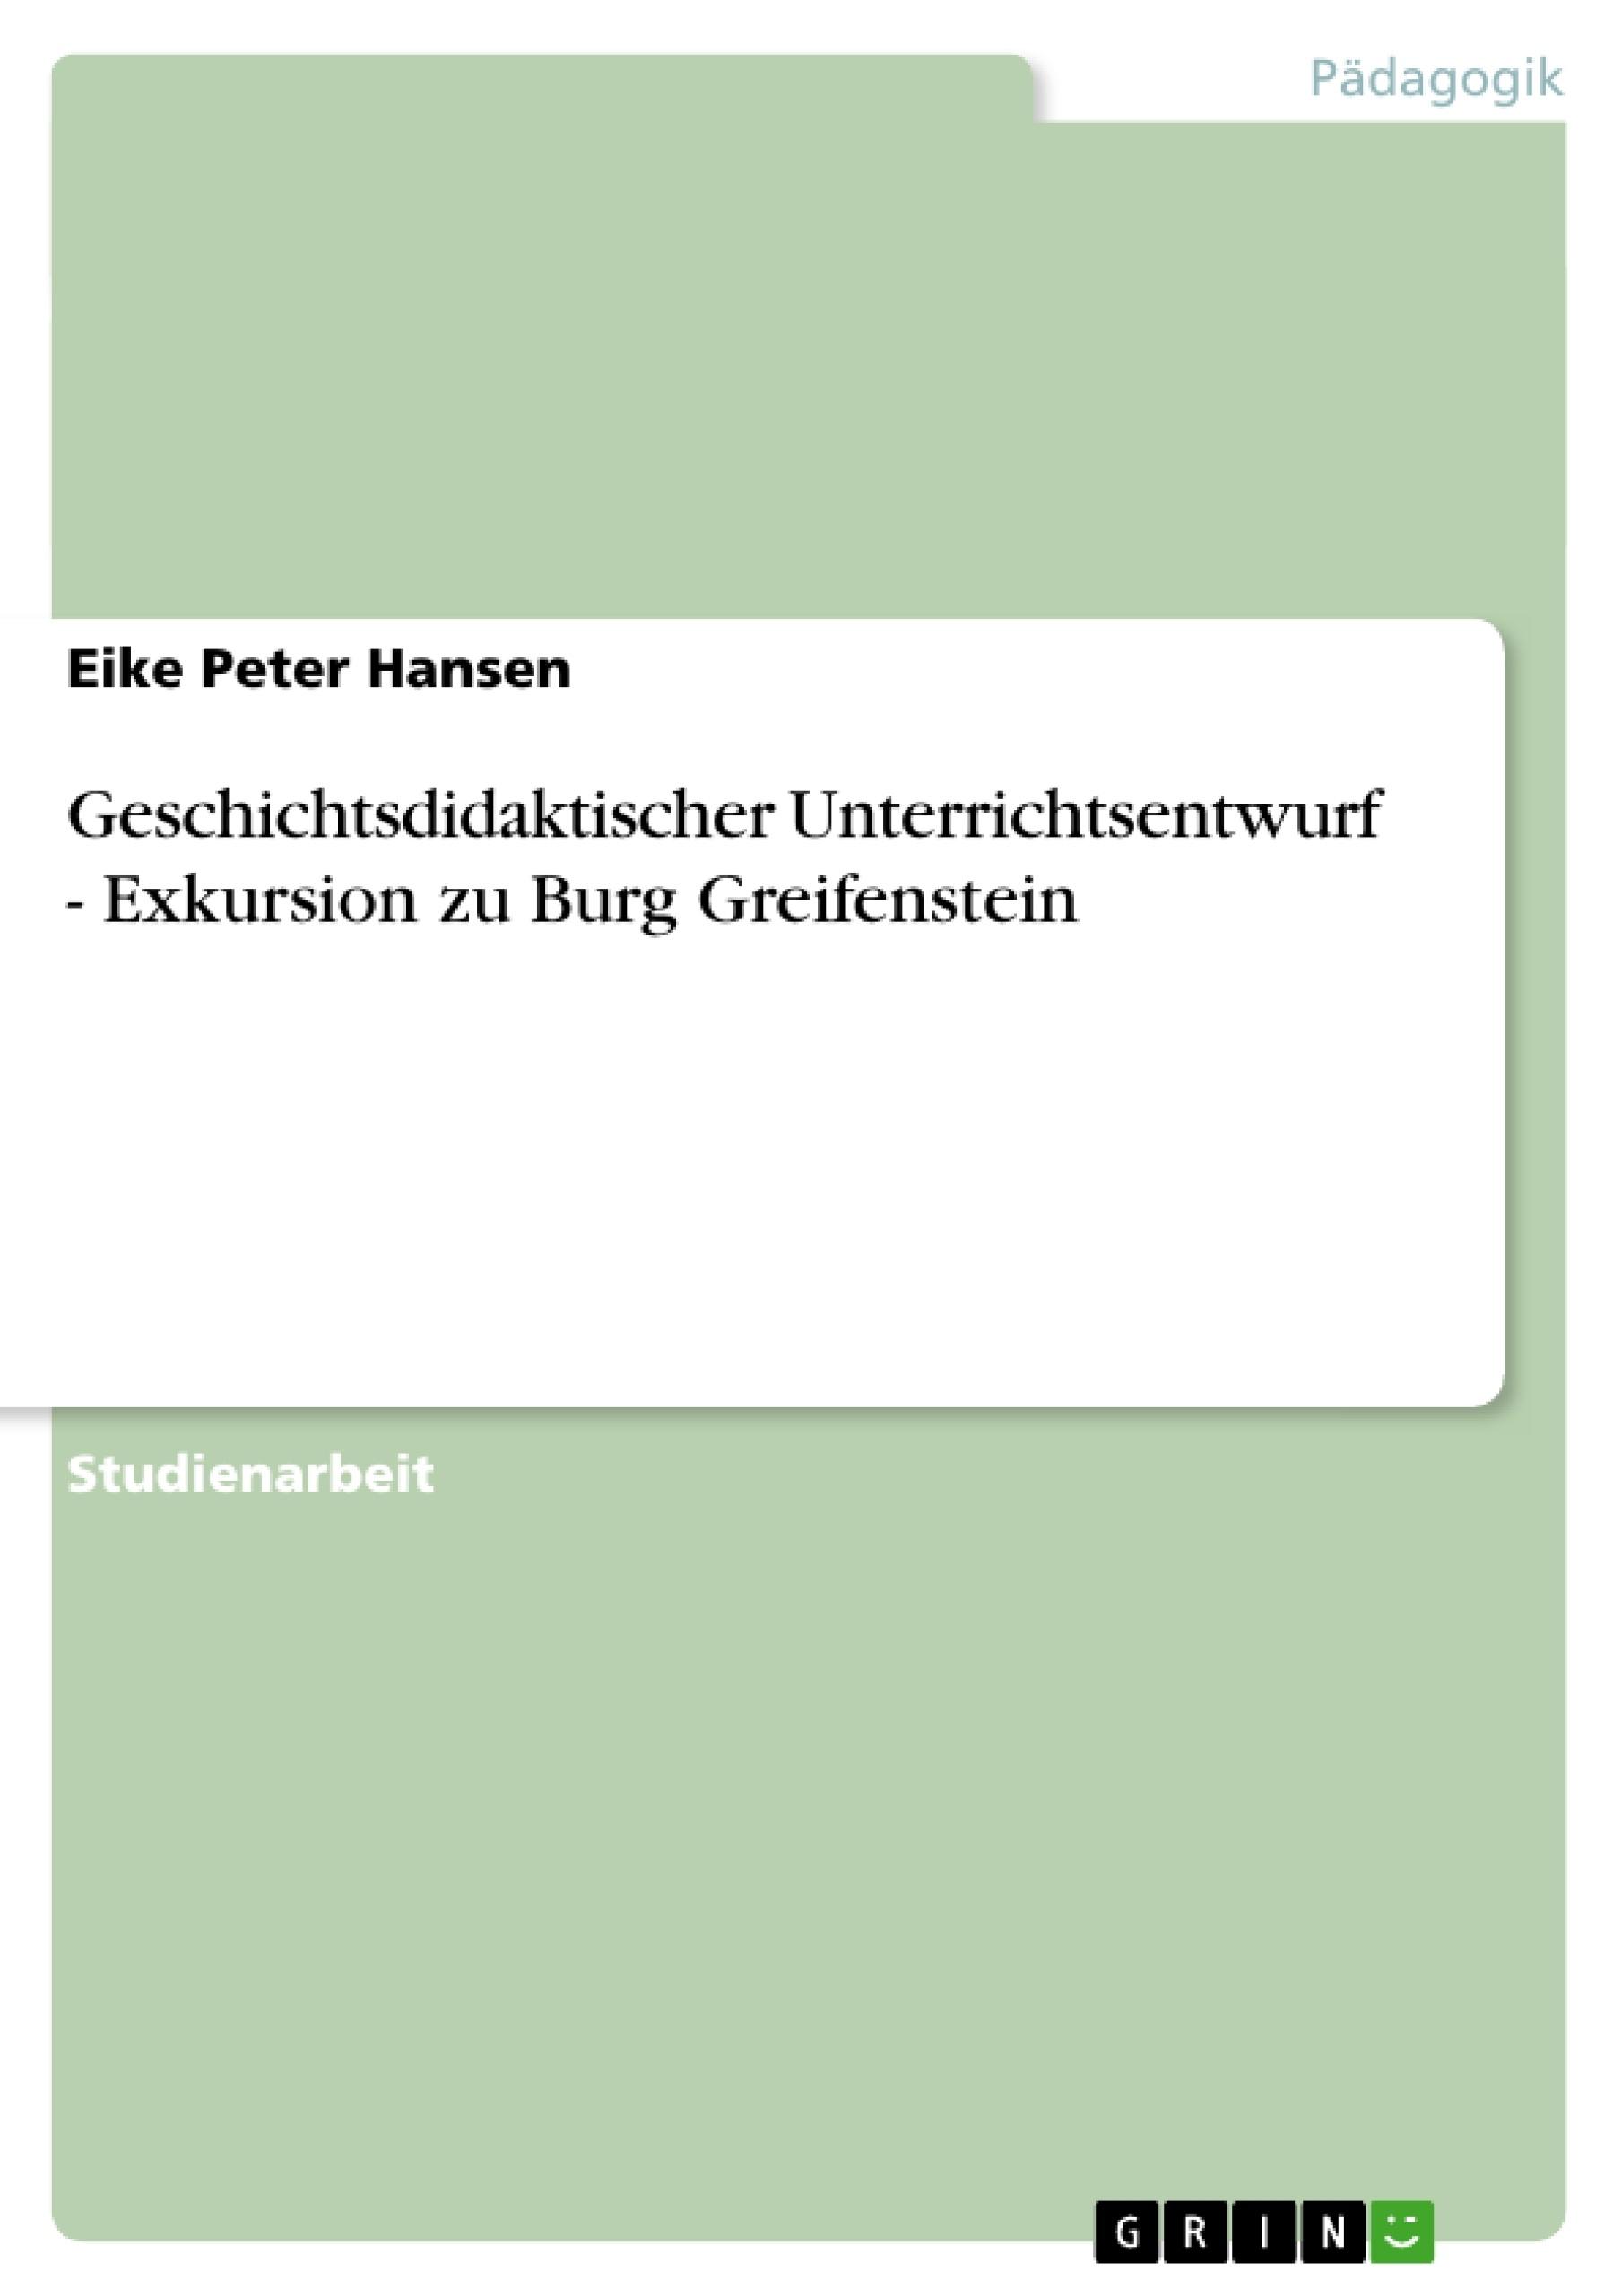 Titel: Geschichtsdidaktischer Unterrichtsentwurf - Exkursion zu Burg Greifenstein